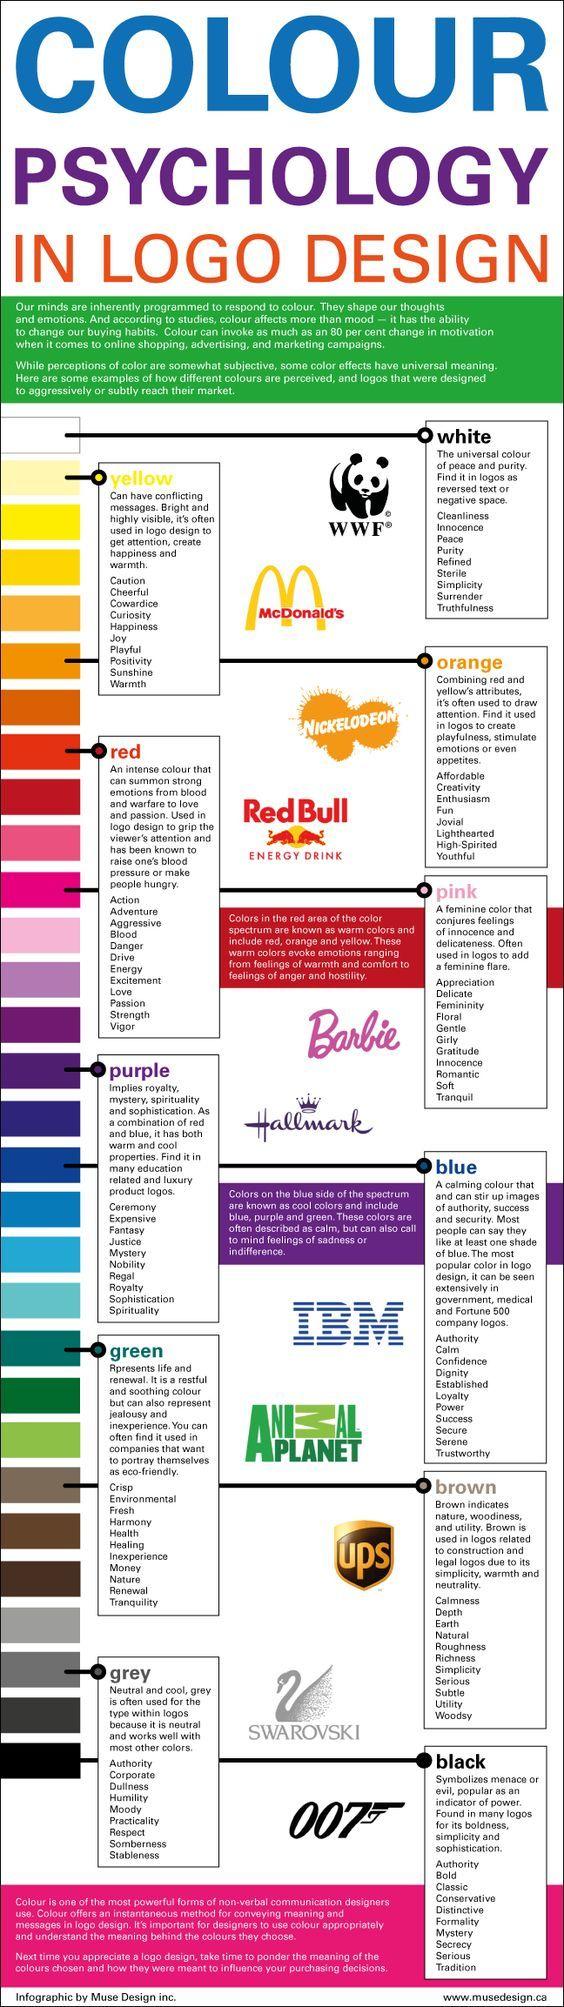 curriculum vitae de designer gráfico - psicologia das cores - Pesquisa Google